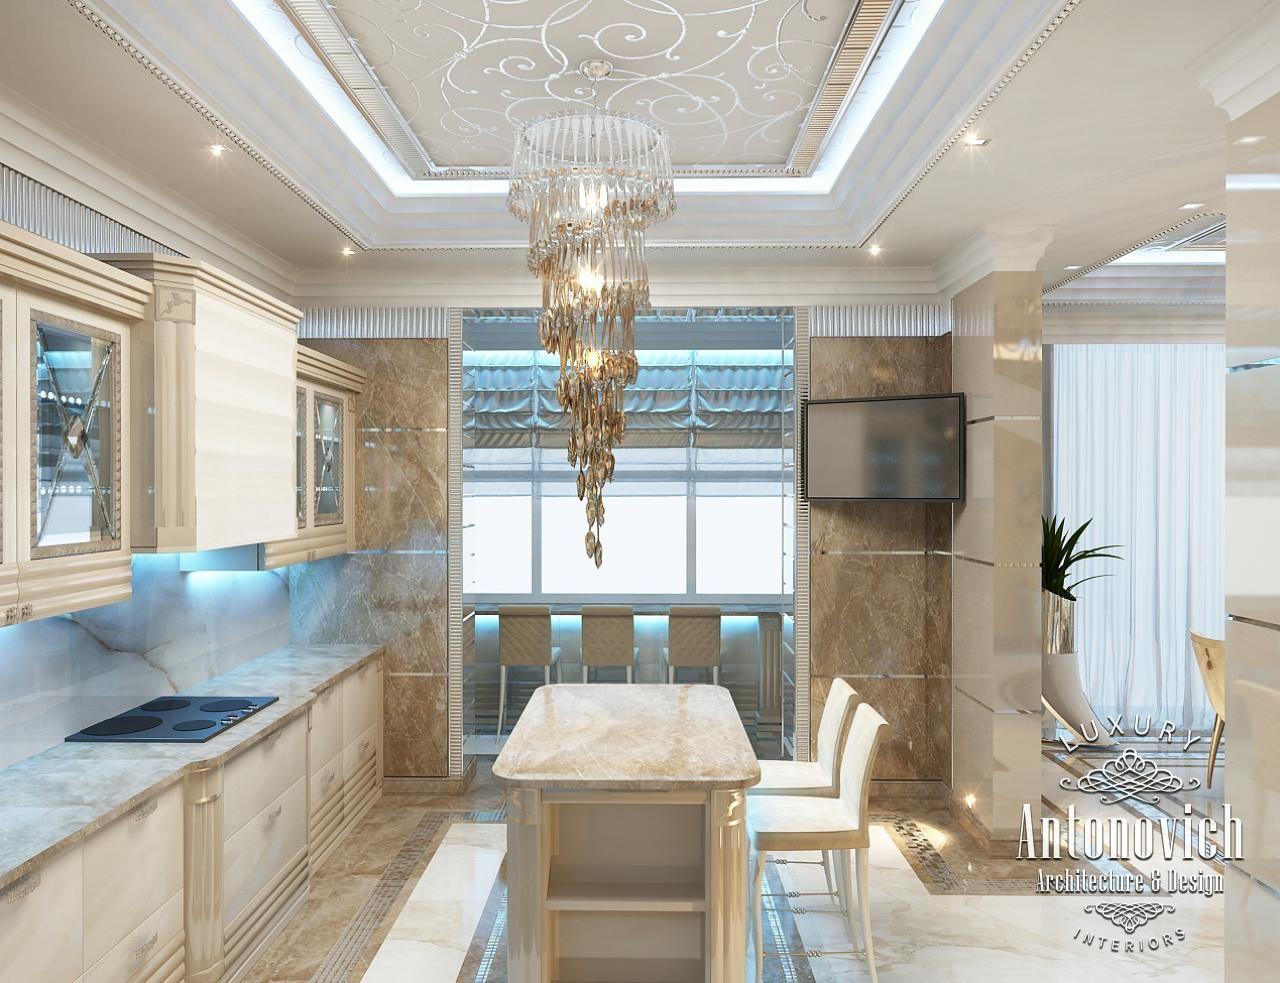 Kitchen Design in Dubai, Cozy Kitchen Luxury Apartment, Photo 1 ...